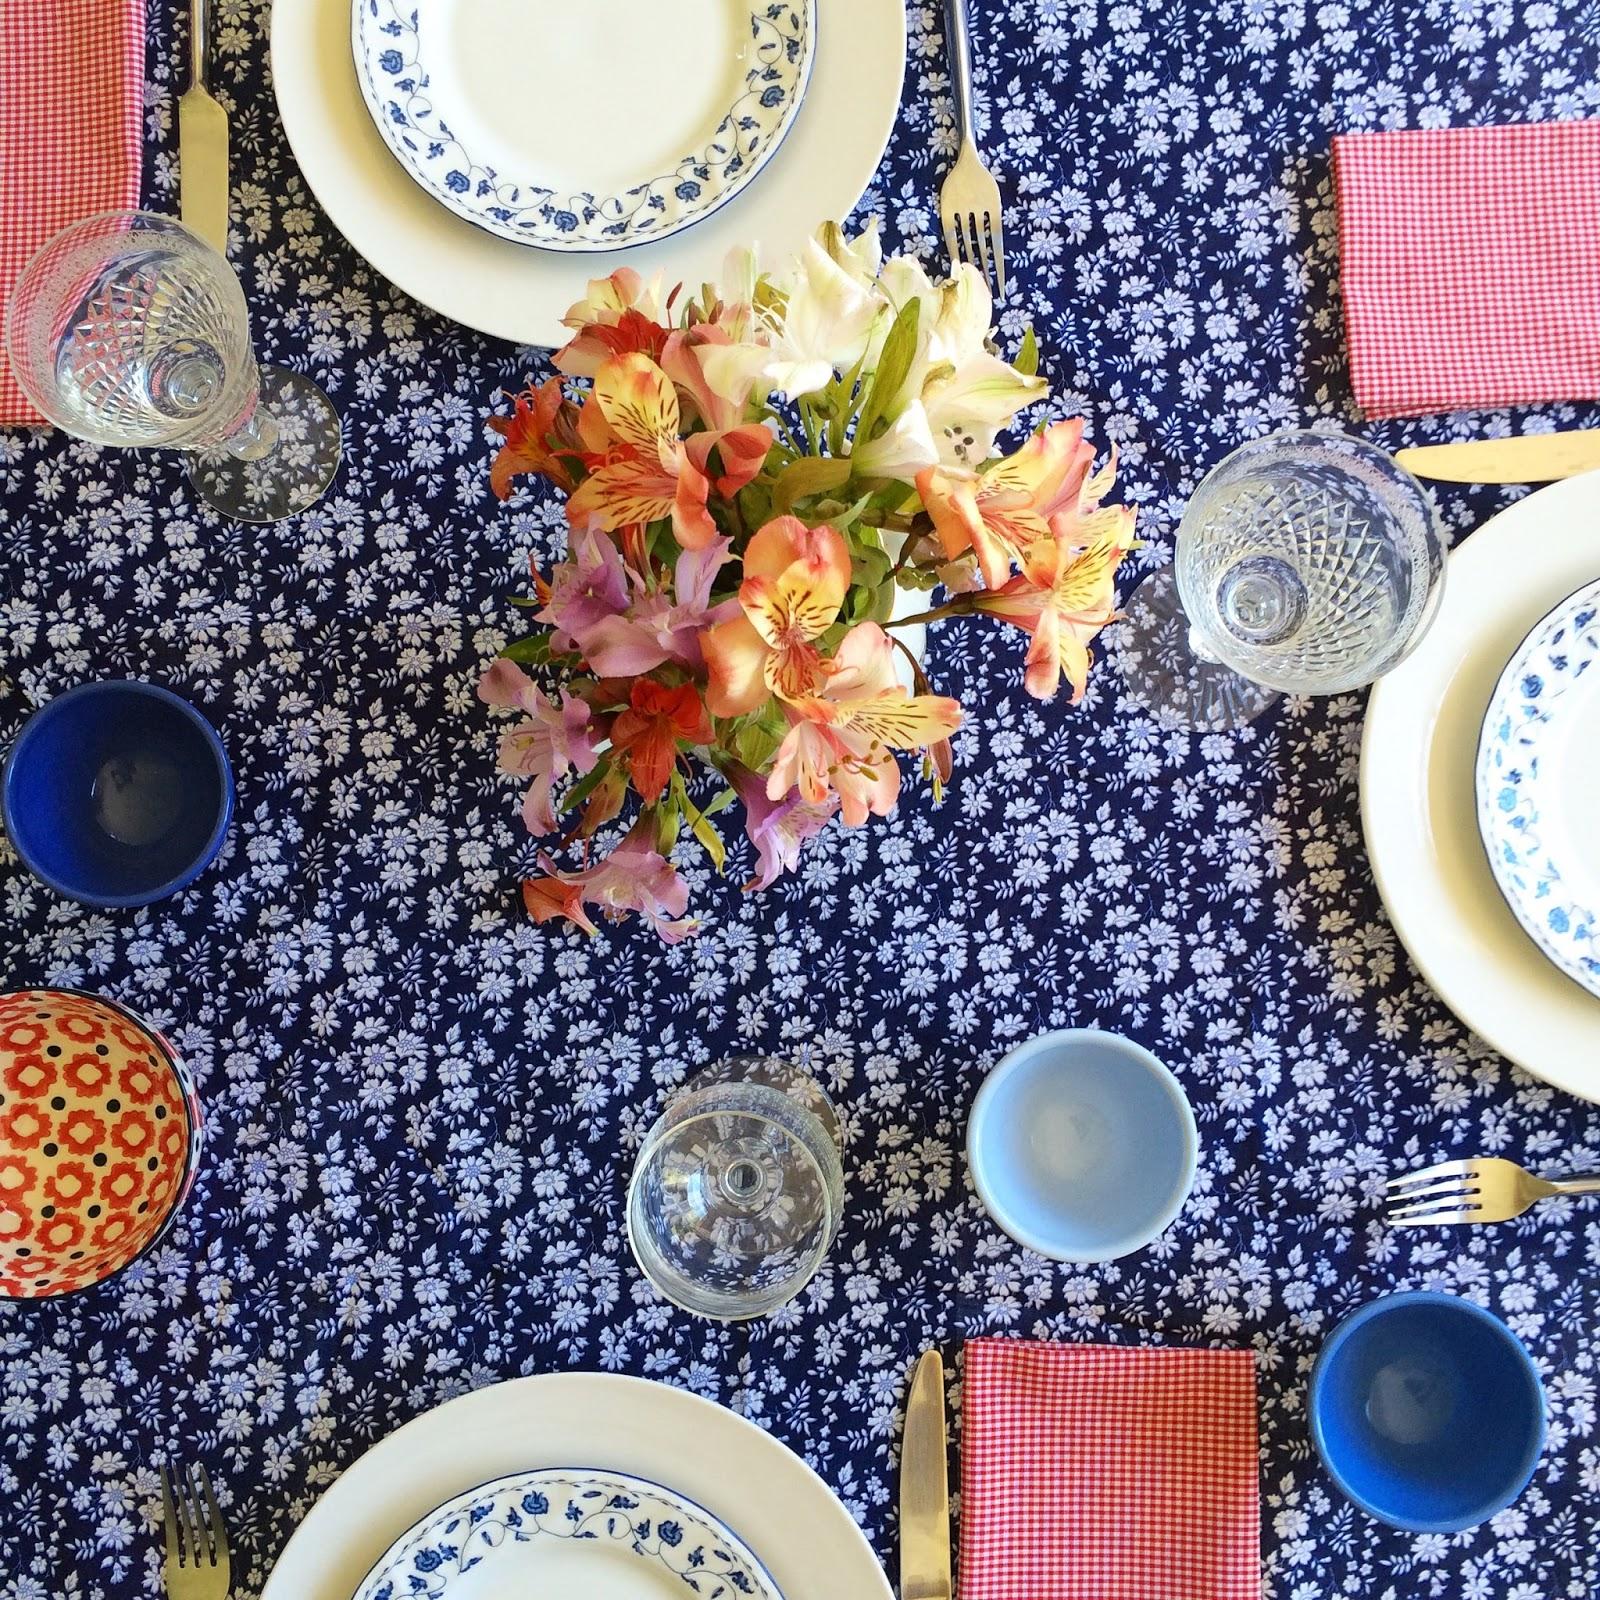 Poné linda tu mesa, ponete feliz!